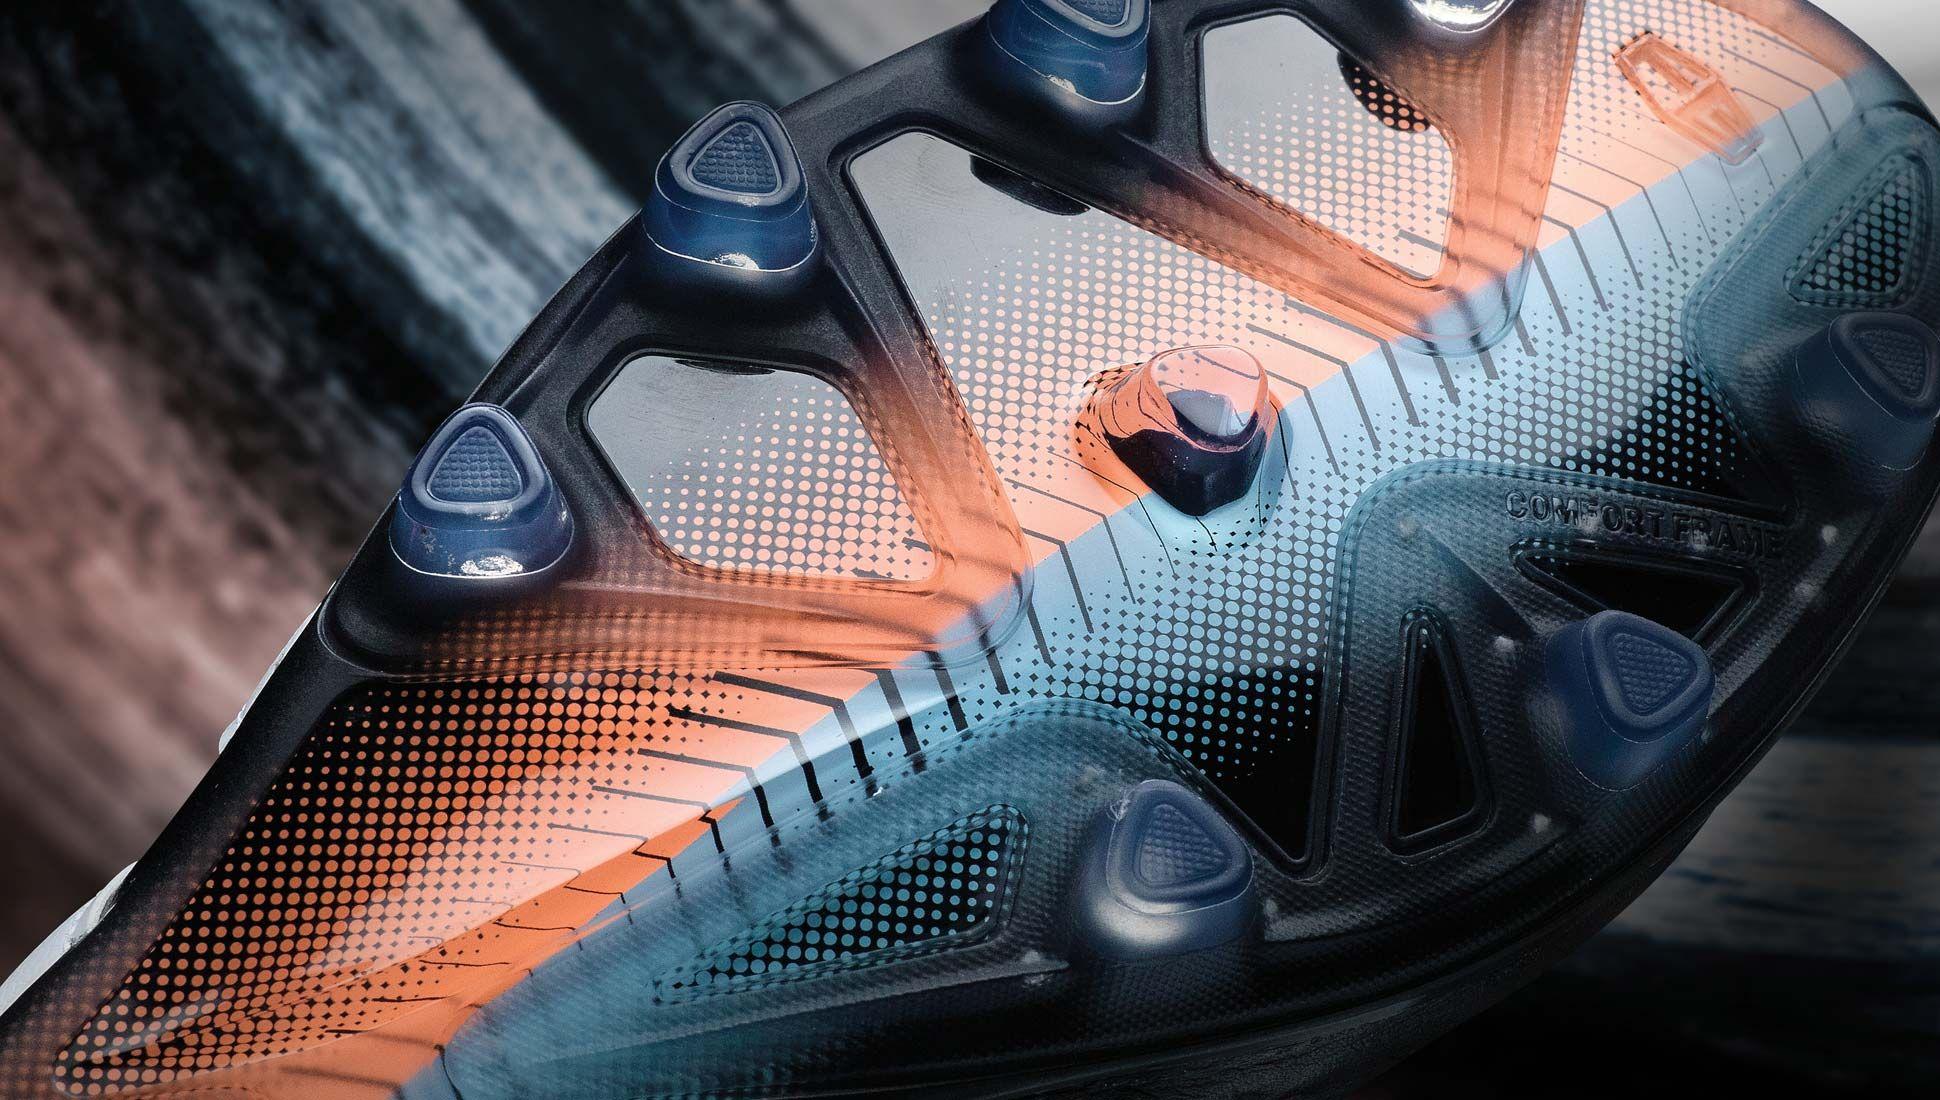 adidas 11pro BlackWhiteFlash Orange | Shoe advertising